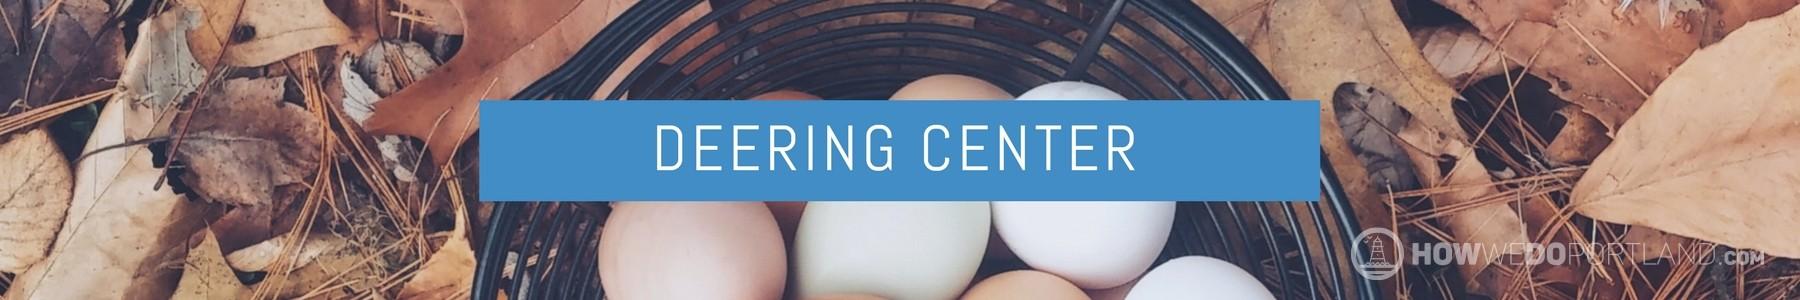 Deering Center